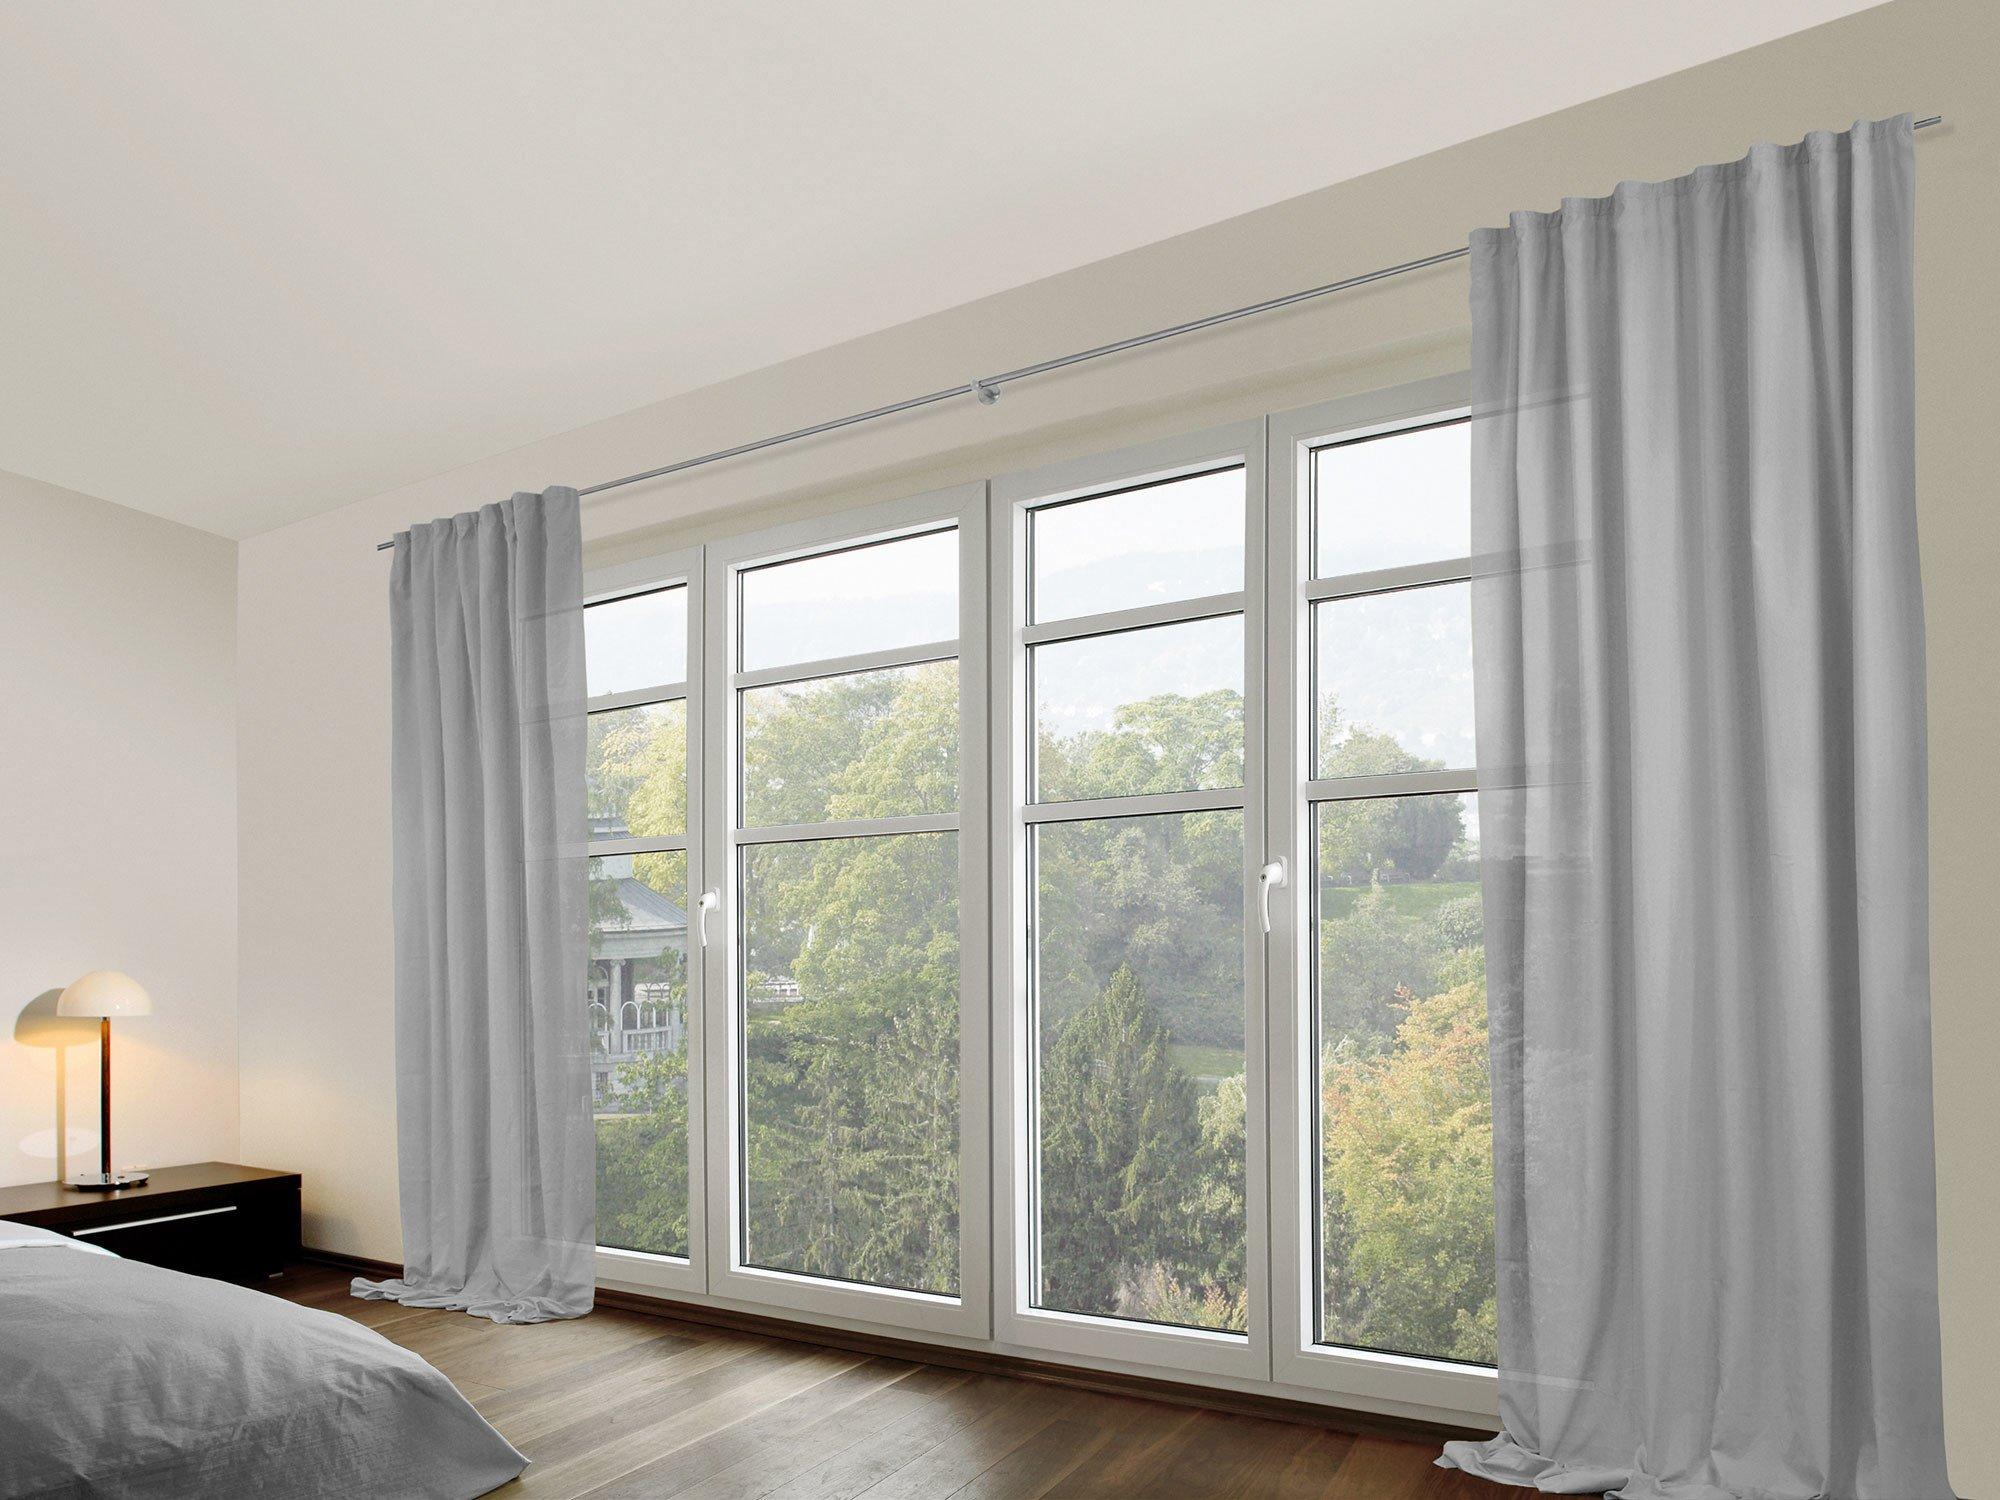 vorhang zum hochziehen simple voile raffrollo mit tunnelzug gardinen erpack vorhang hb cm. Black Bedroom Furniture Sets. Home Design Ideas